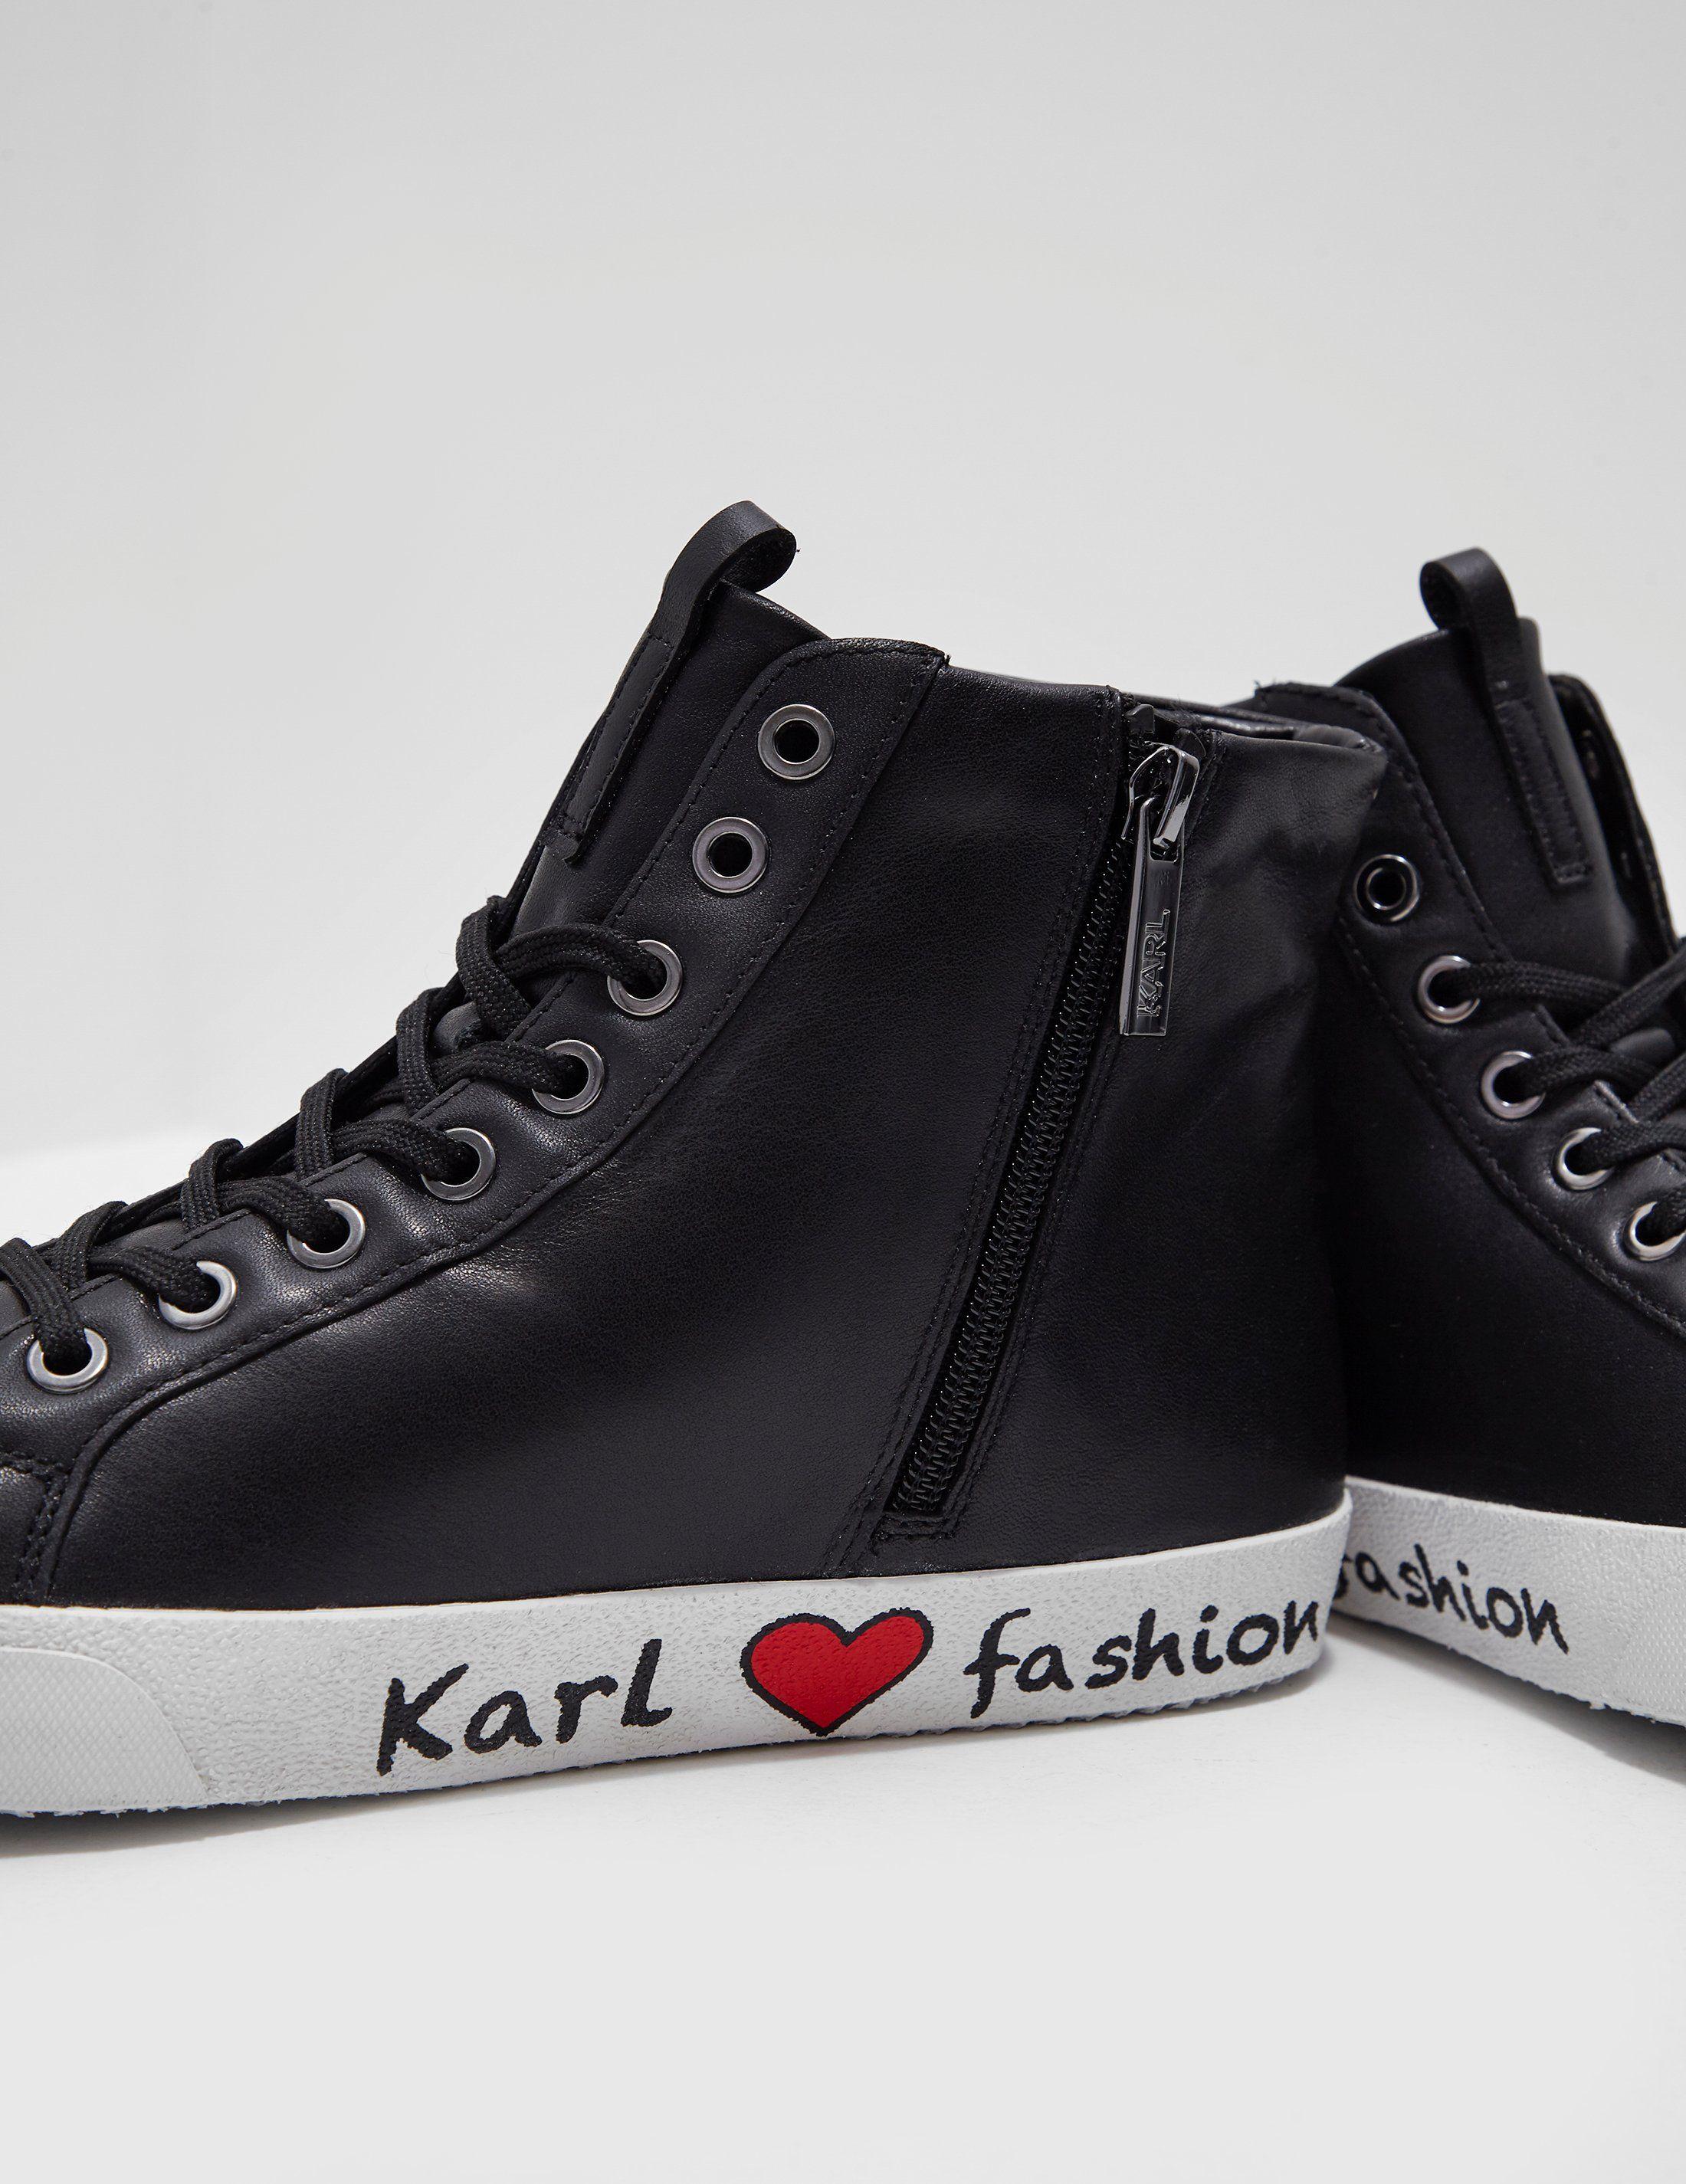 Karl Lagerfeld Skool Ikon Trainers - Online Exclusive